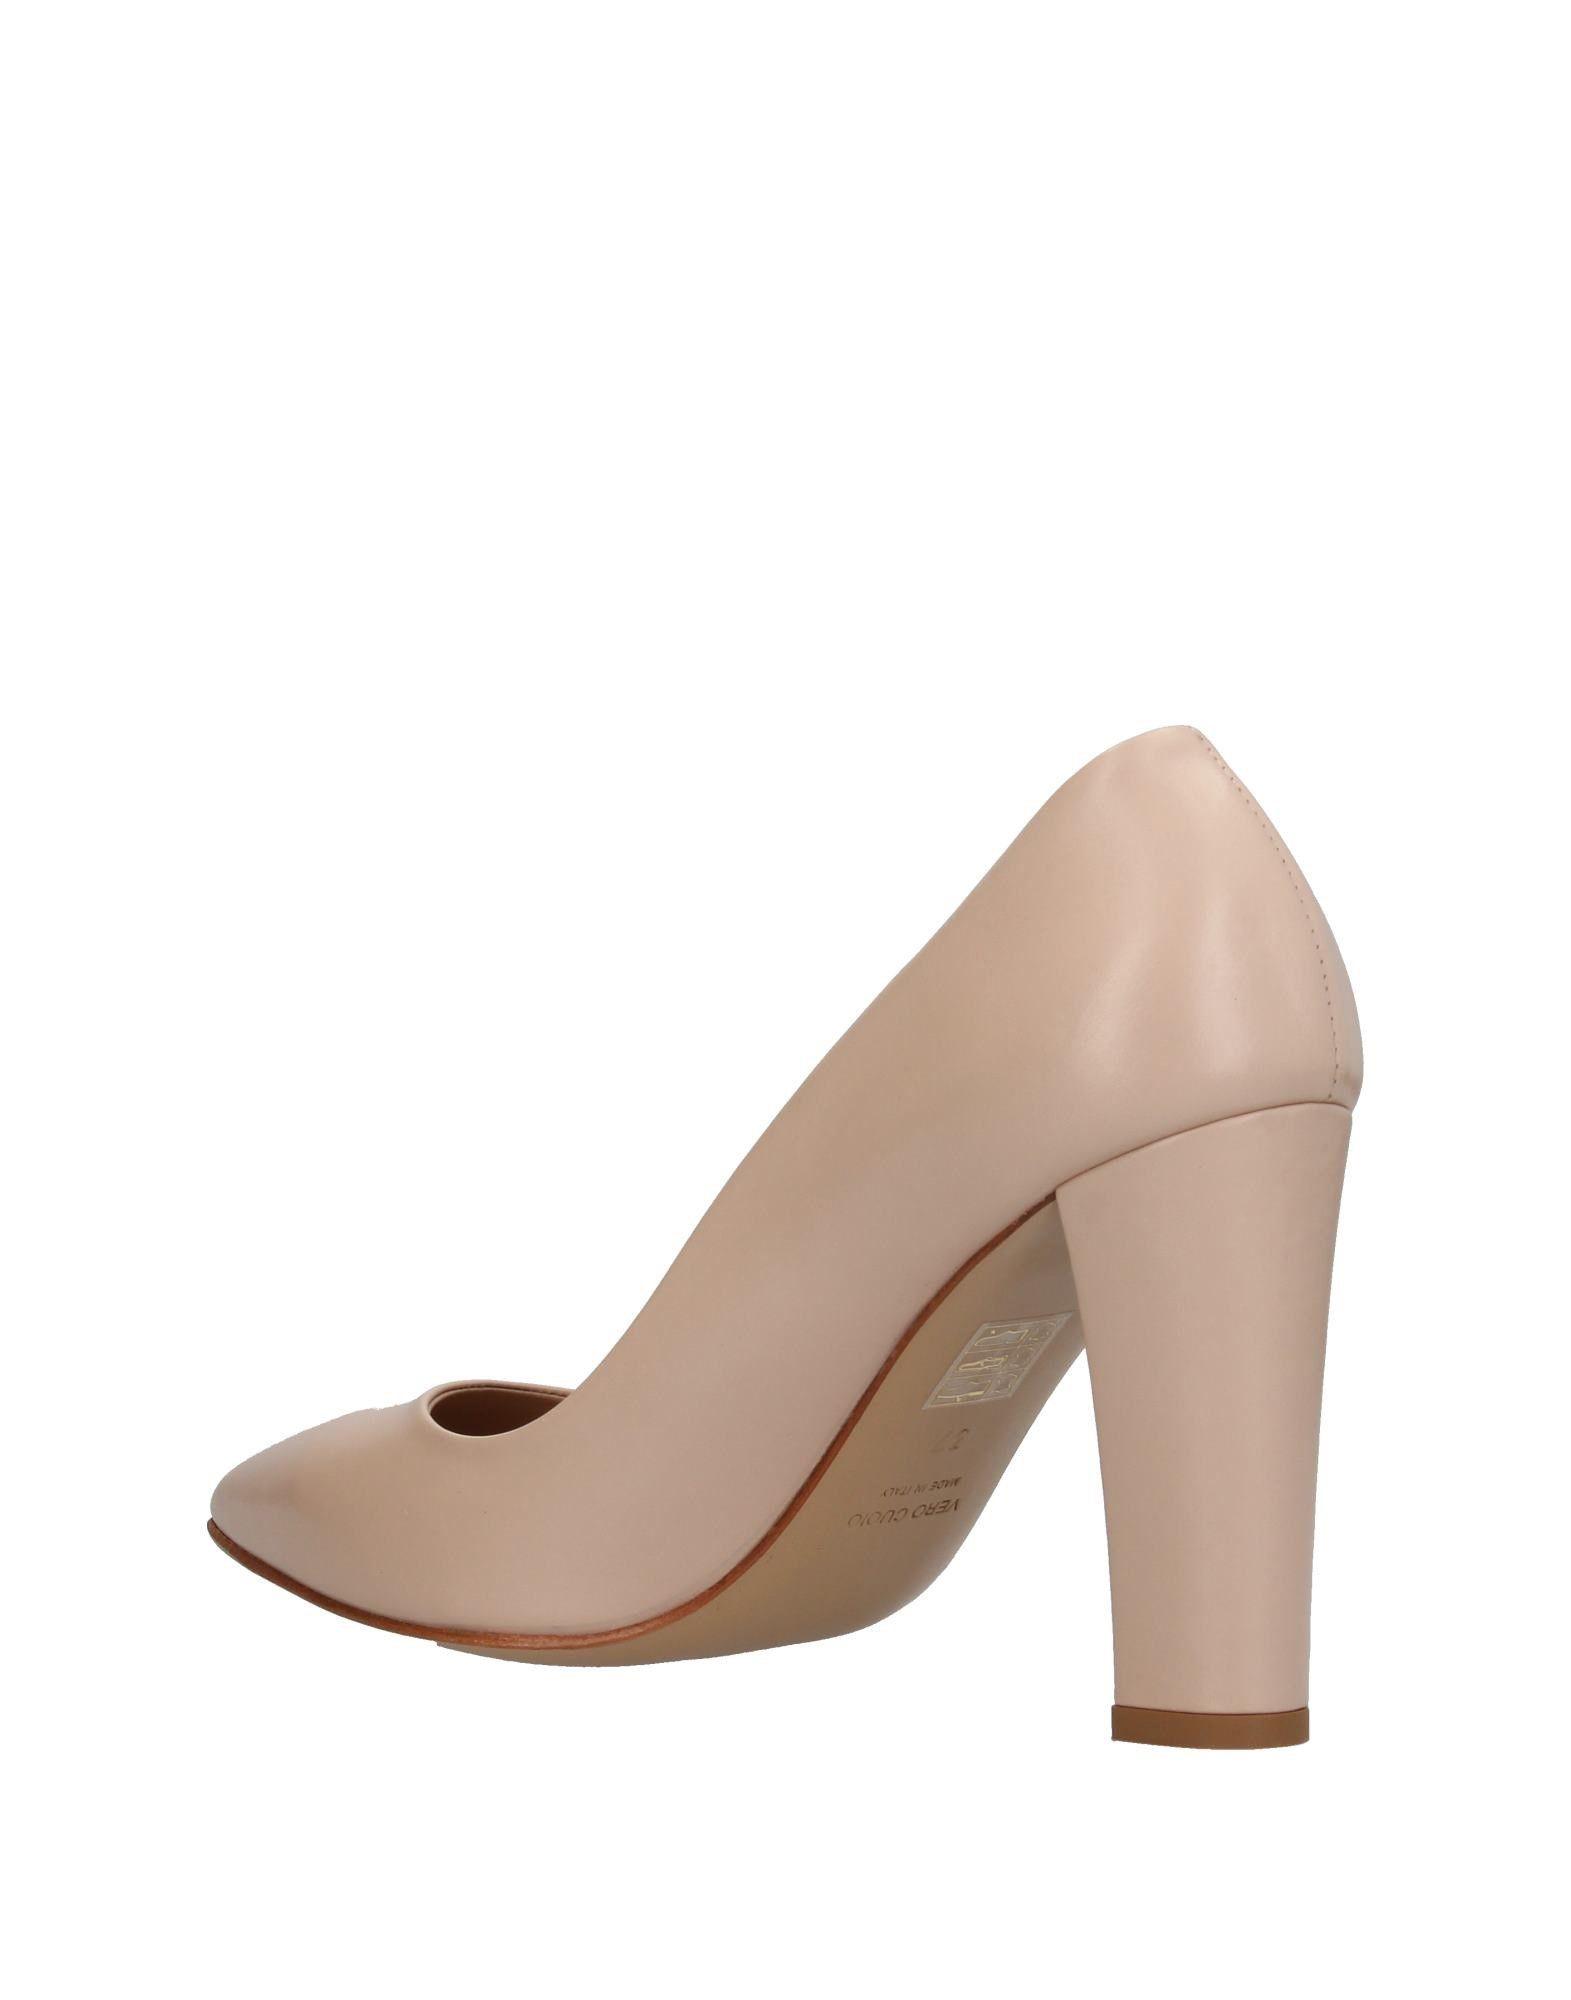 Fiorangelo Pumps Damen aussehende  11378442TDGut aussehende Damen strapazierfähige Schuhe 9c7be7